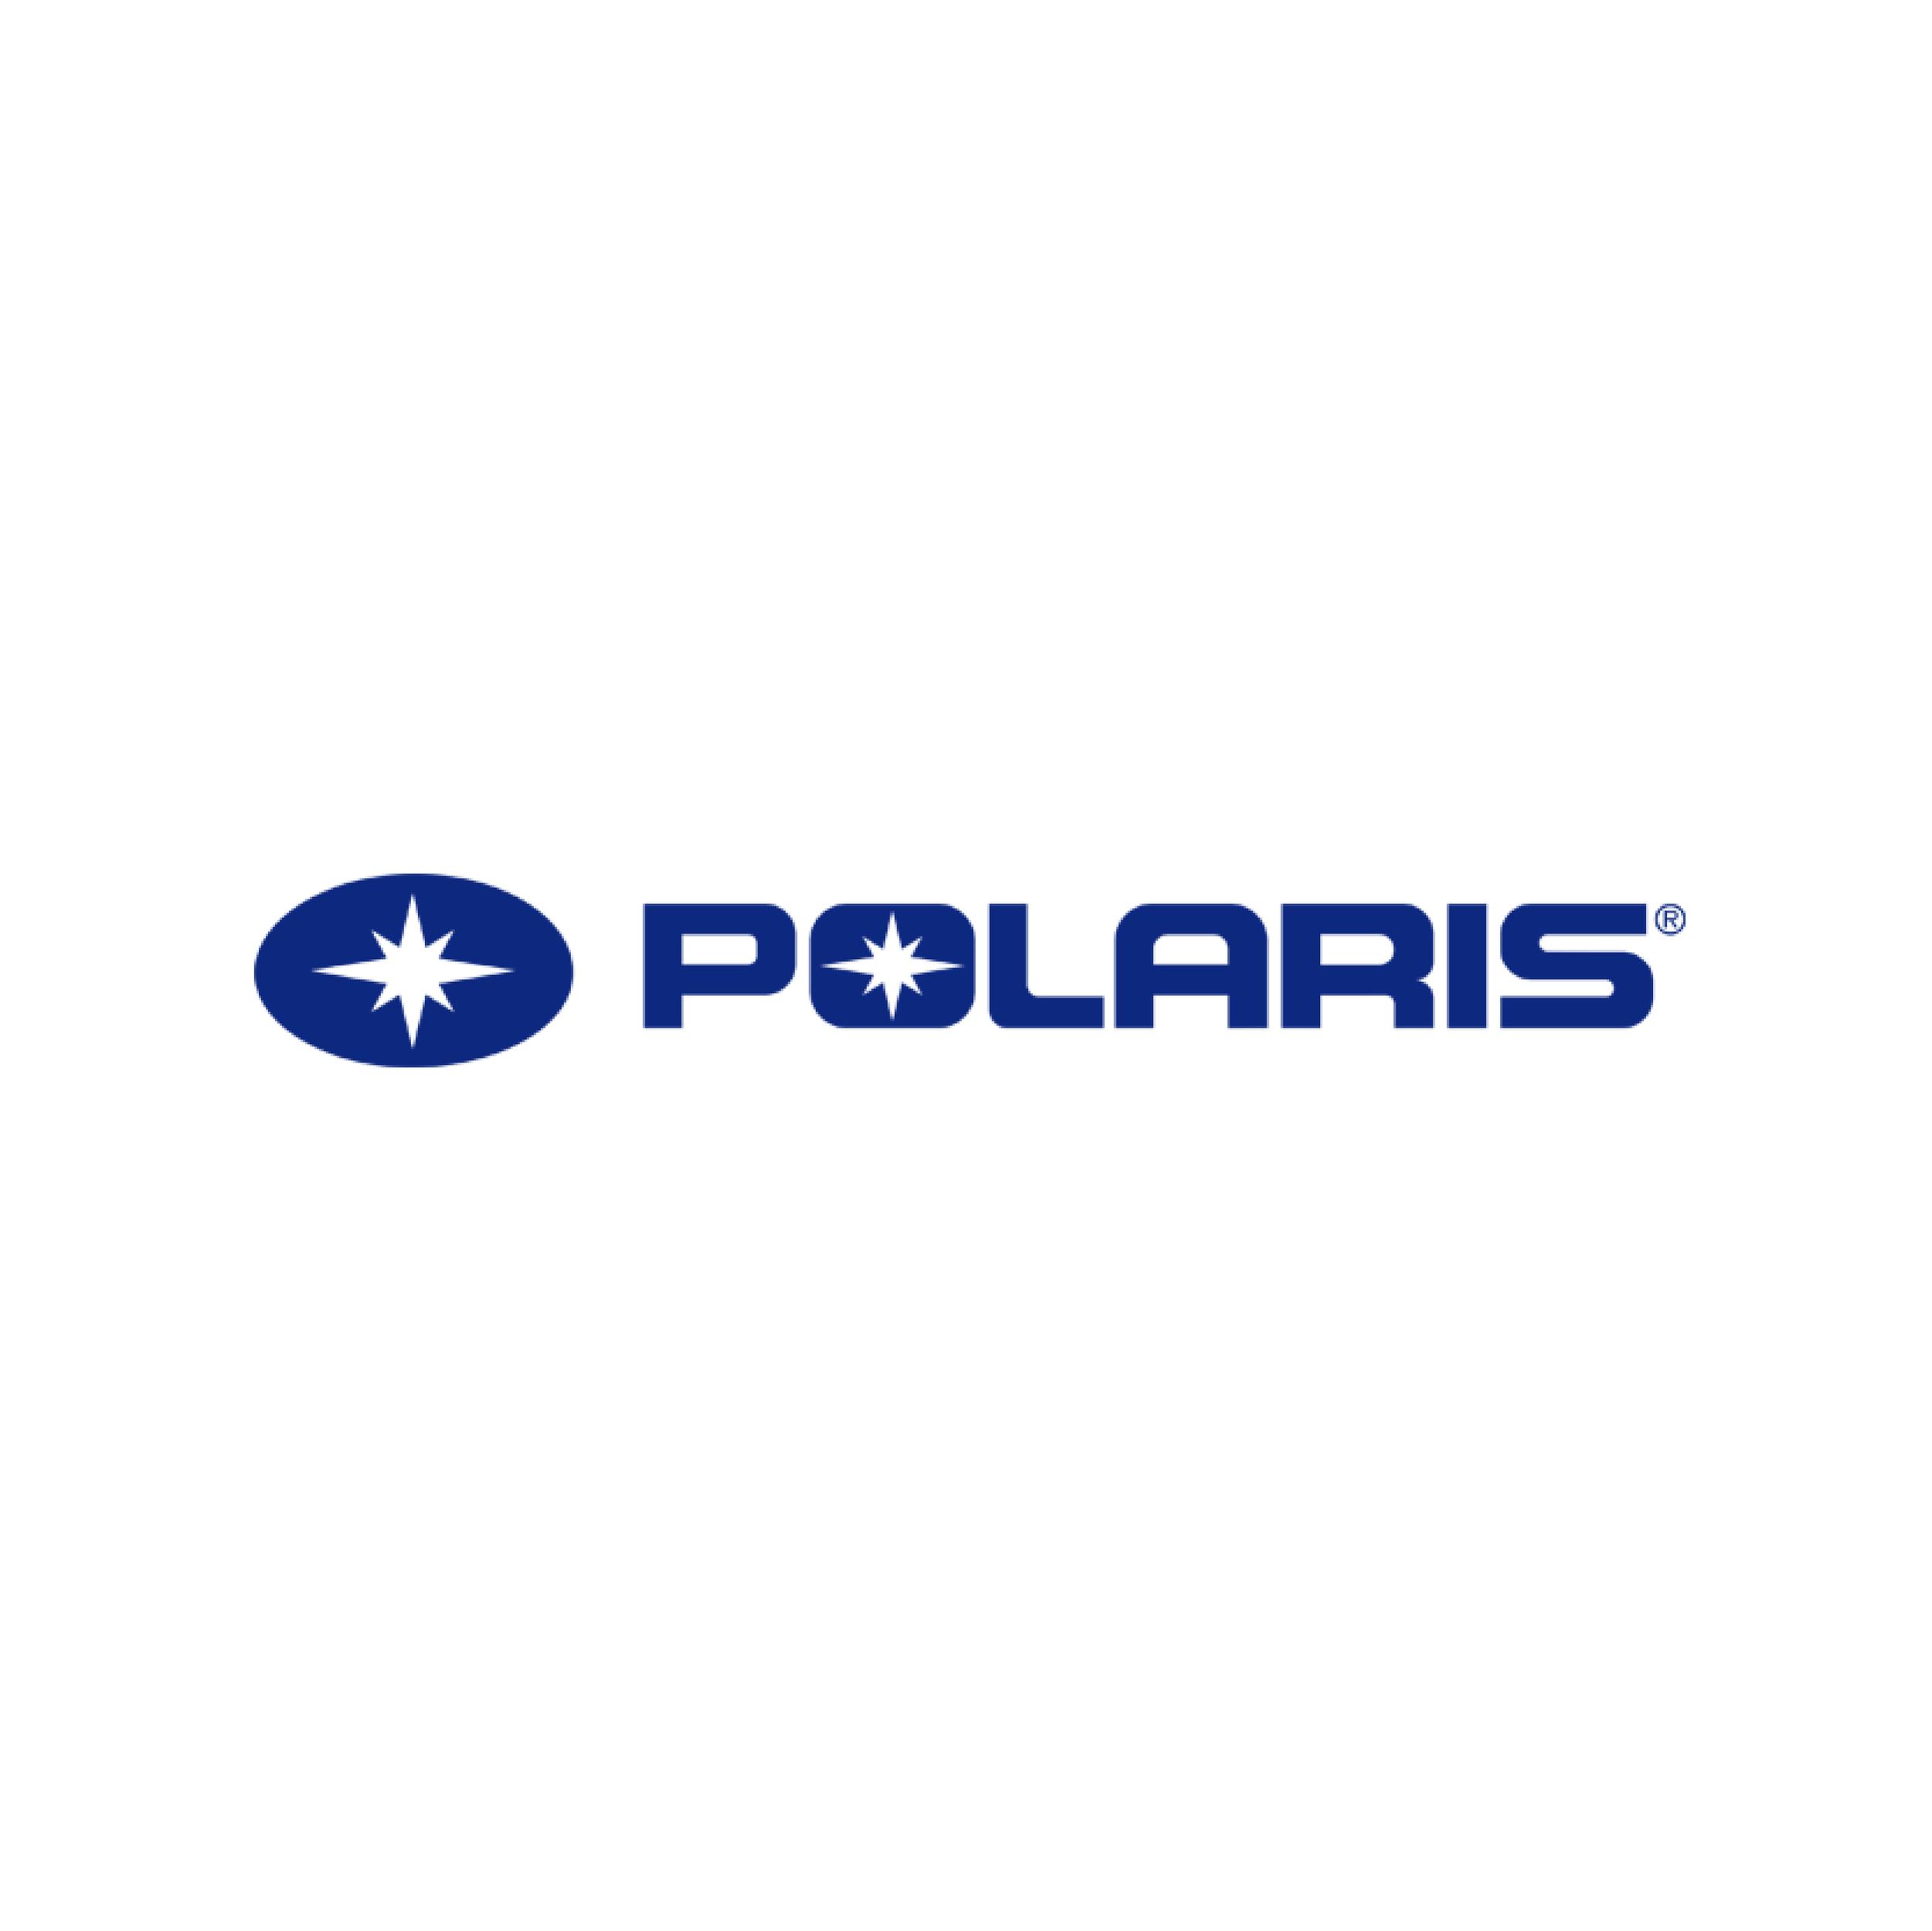 brand logos-24.png